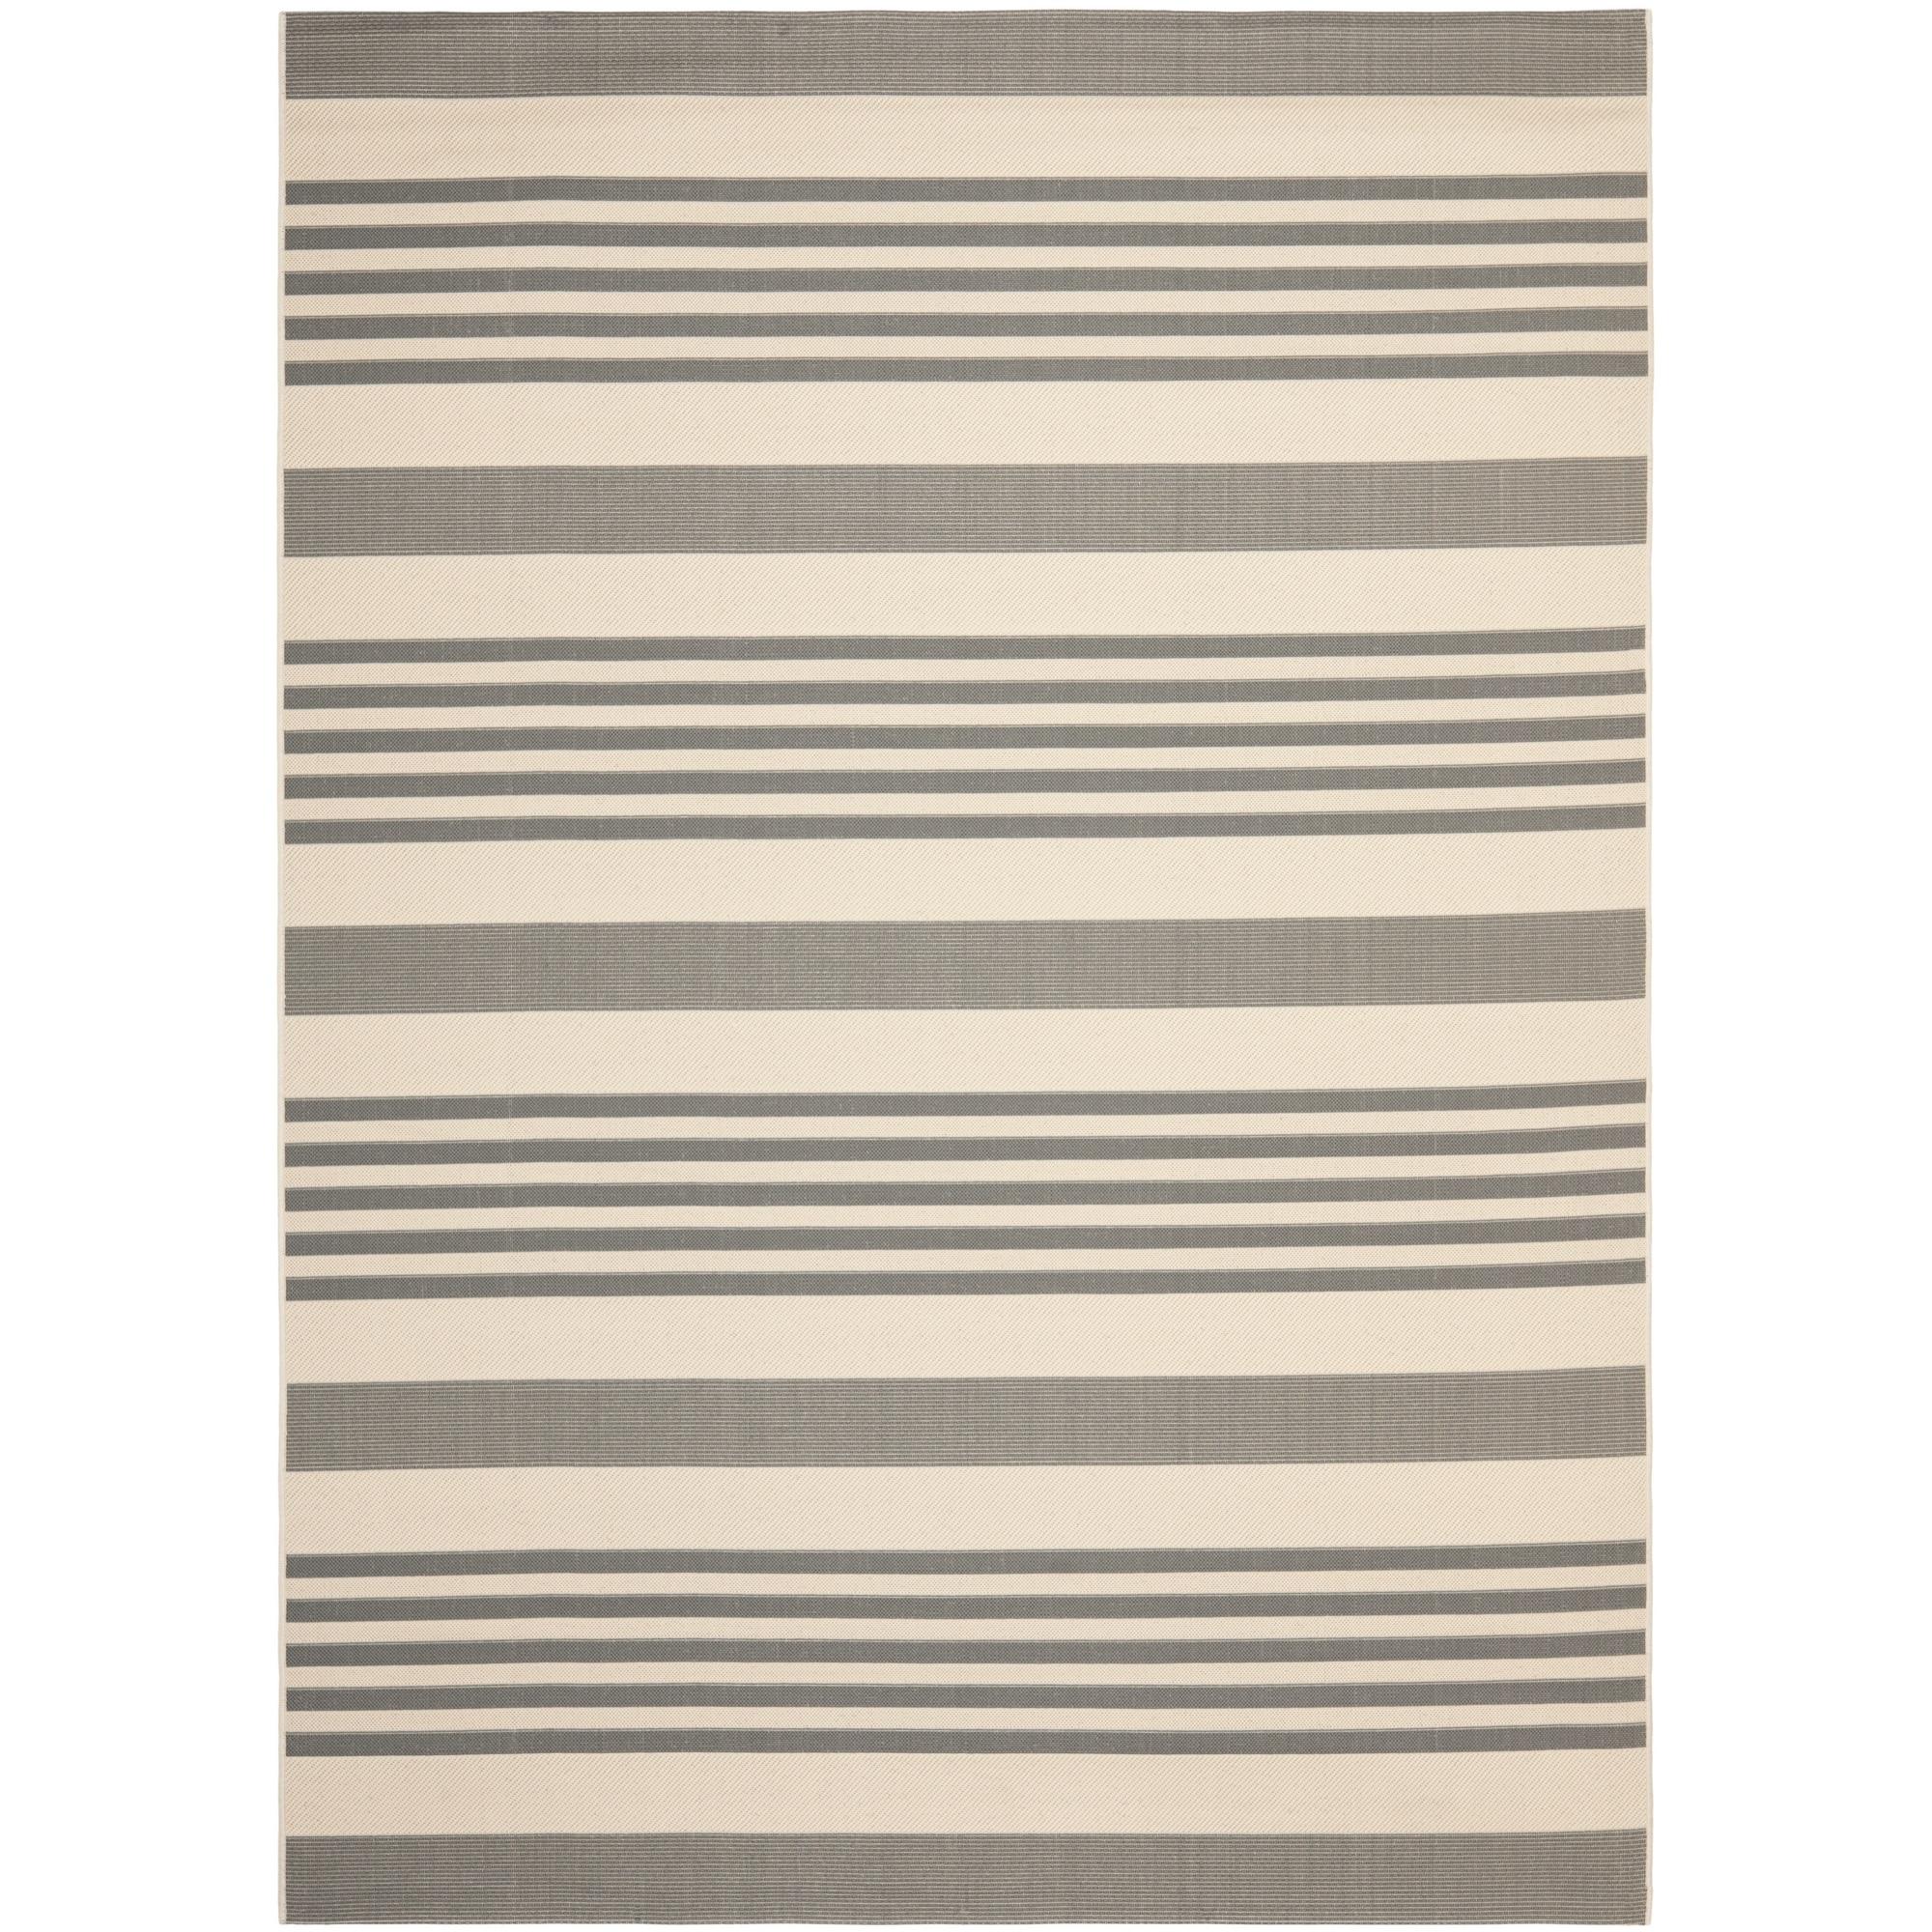 Safavieh Courtyard Stripe Grey Bone Indoor Outdoor Rug 9 x 12